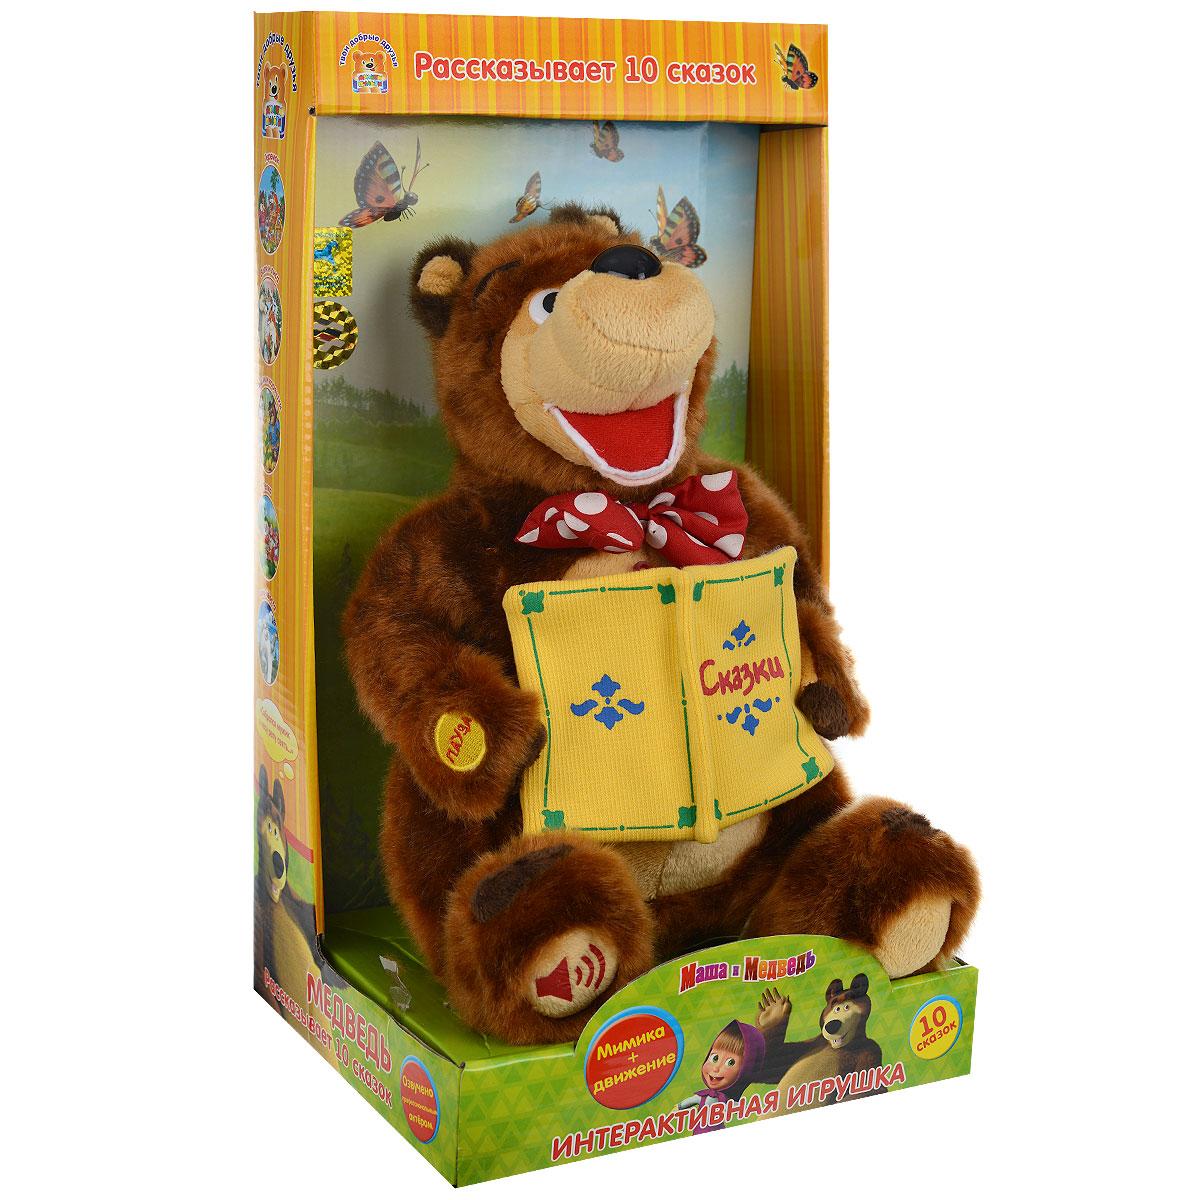 Анимированная игрушка Мульти-Пульти Мишка, 27 см, цвет: коричневыйV91794/30Мишка - анимированная игрушка, выполненная в виде героя популярного мультсериала Маша и Медведь, вызовет улыбку у каждого, кто его увидит. На шее Мишки повязан красный бант в белый горошек, в лапах он держит книгу Сказки. При нажатии на его левую верхнюю лапку Мишка расскажет одну из следующих сказок: Маша и Медведь, Три медведя, У страха глаза велики, Лиса и заяц, Колобок, Теремок, Волк и лиса, Вершки и корешки, Репка, Заяц-хваста. Во время исполнения Мишка раскачивается синхронно со словами сказки. Если нажать на правую верхнюю лапку, Мишка остановится и замолчит, при повторном нажатии в течение минуты он продолжит с того места, где остановился. Нажатием на правую нижнюю лапку регулируется громкость чтения сказки. Эта анимированная игрушка придется по душе маленькому любителю сериала про приключения Маши!